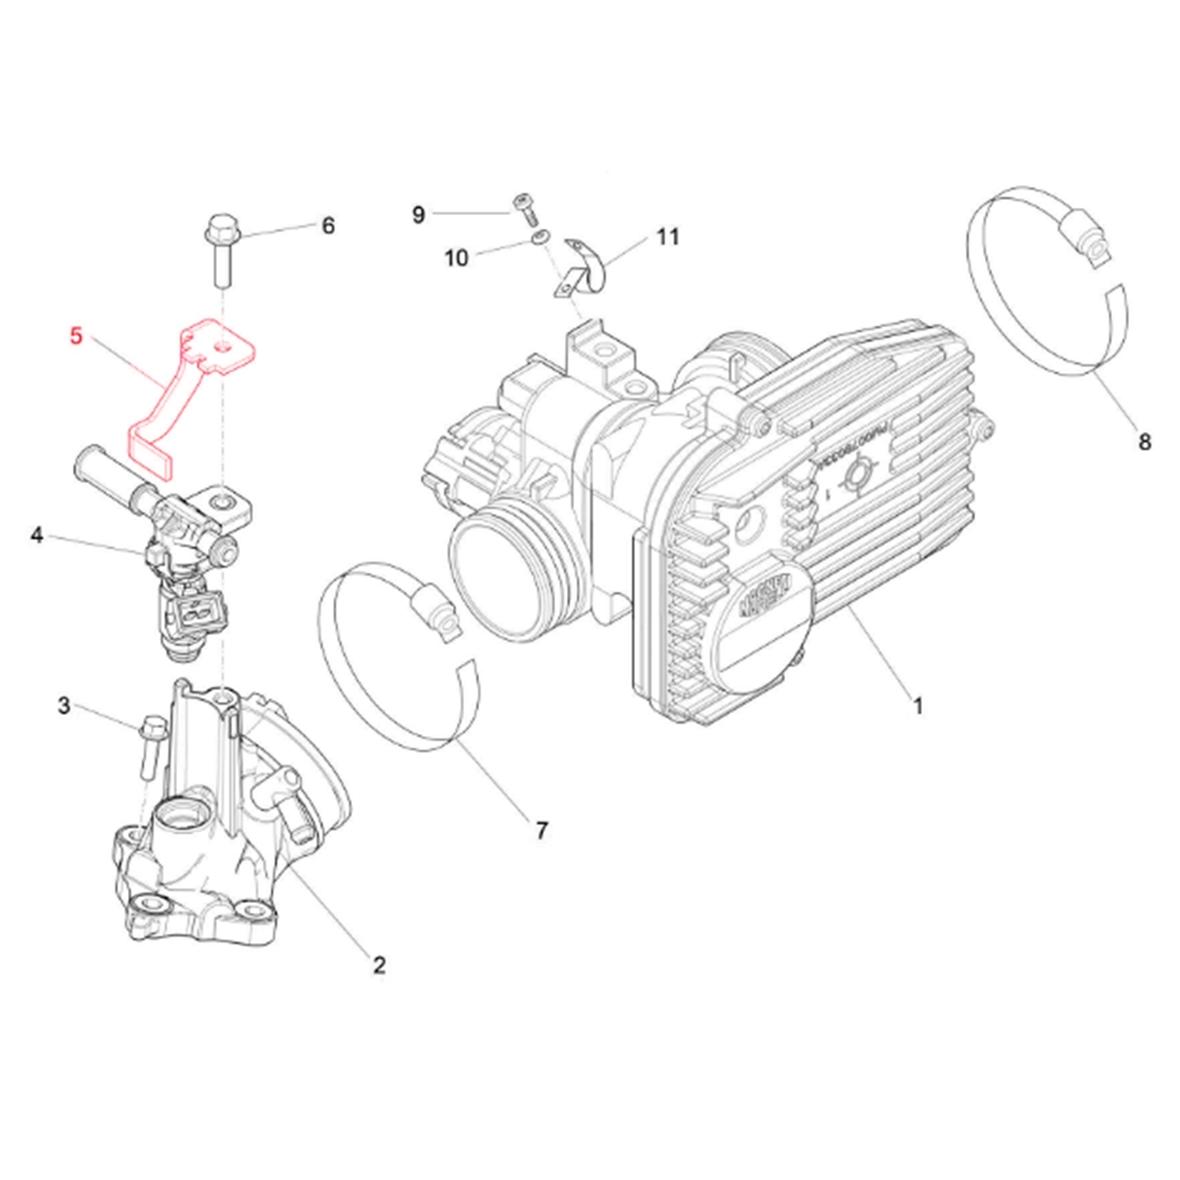 Image du produit 'Tôle de maintien PIAGGIO injecteur'